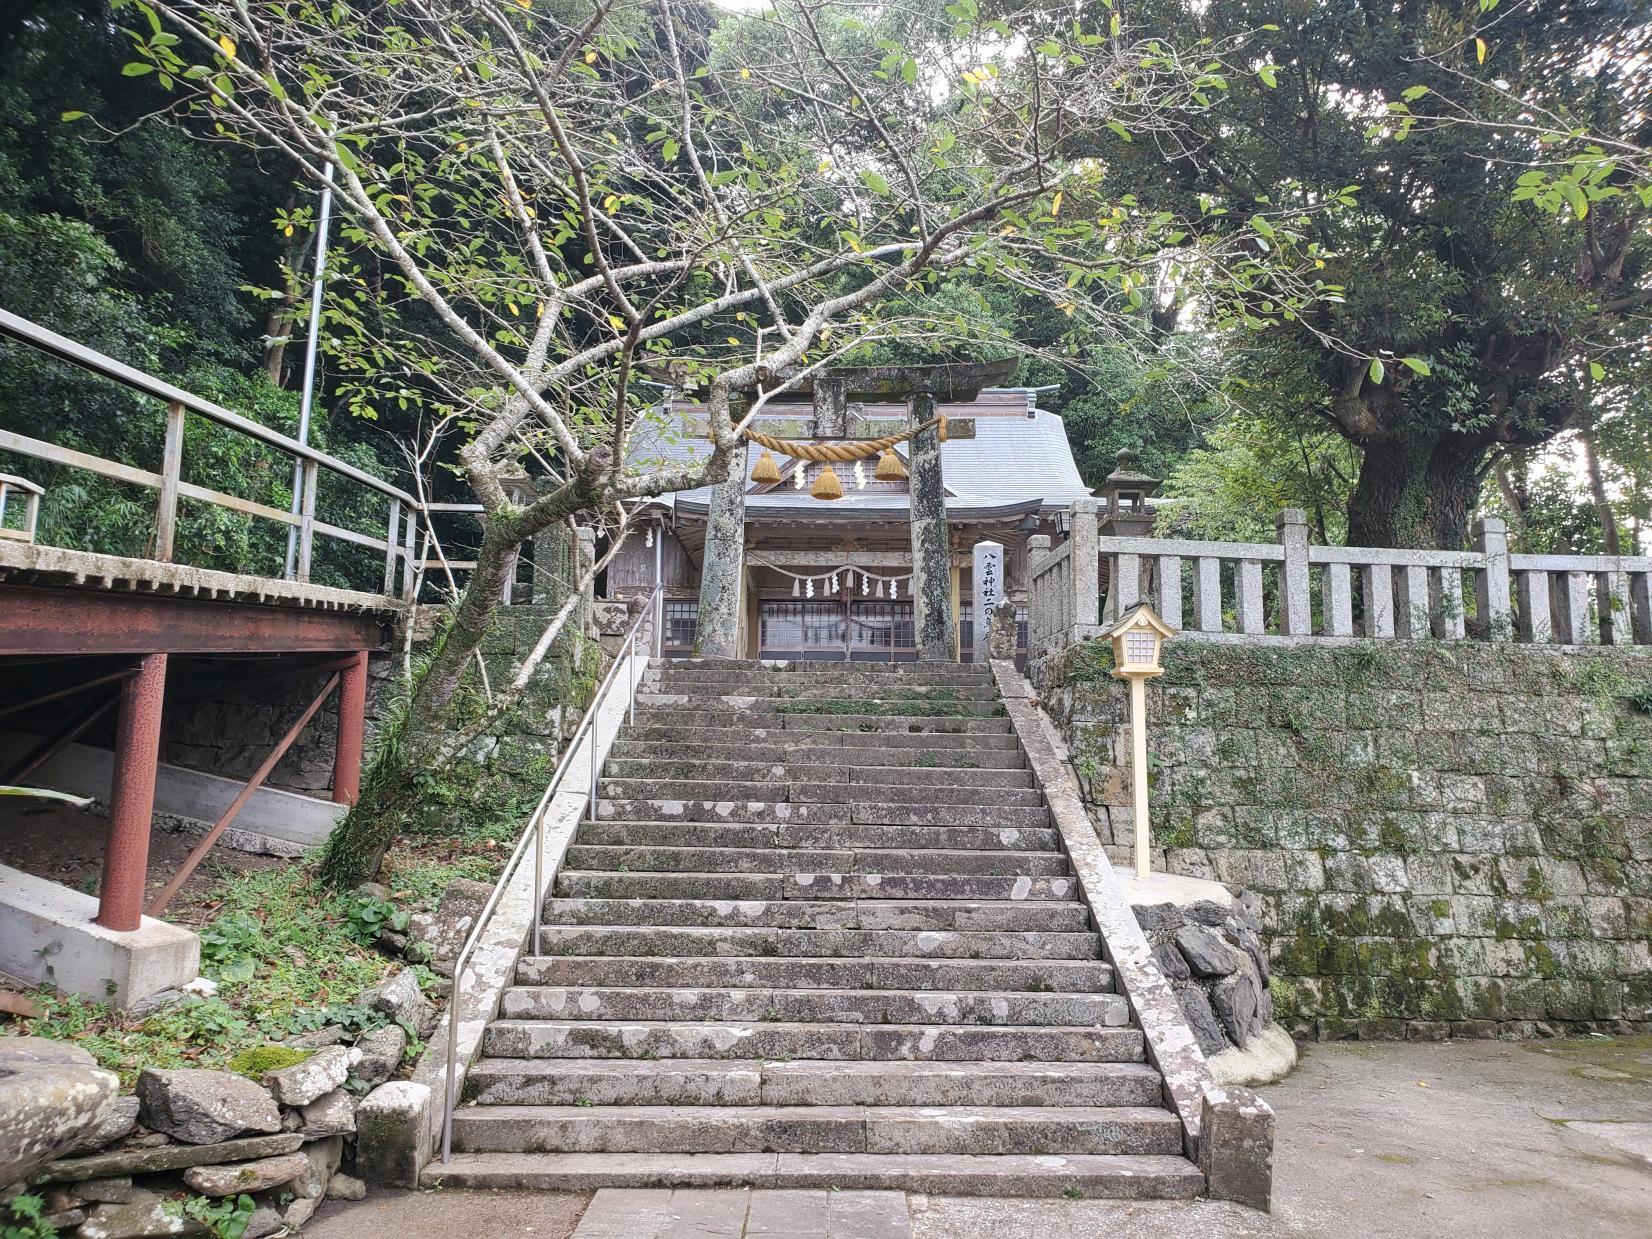 八雲神社 蓮池があったので、初夏にはキレイな花が咲くのかもしれません。-0